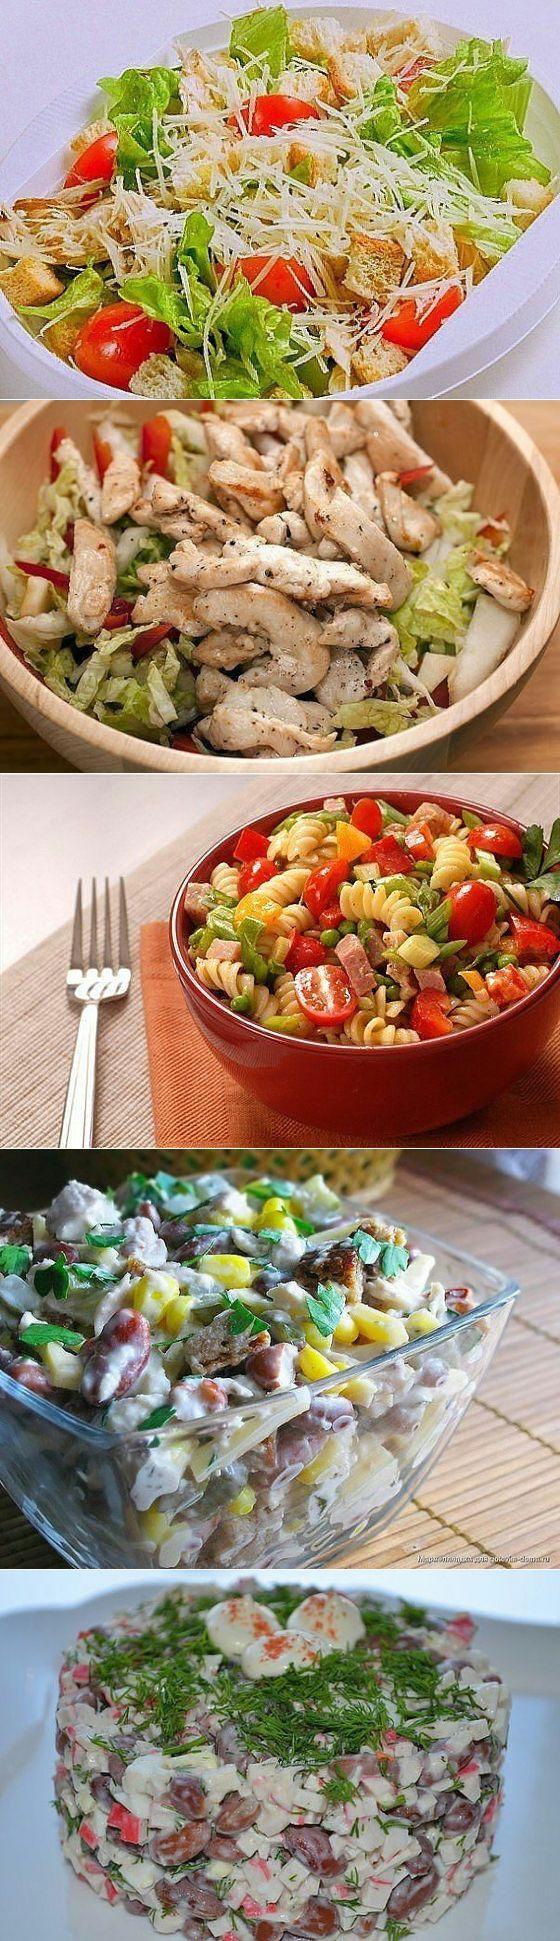 К Новому году -- 9 вкусных салатов. Подборка: 1. Салат вкусненький с сухариками. 2. Салат с копченым сыром. 3. Хрустящий салат с ананасами и курицей. 4. Салат из пекинской капусты с курицей. 5. Итальянский салат с ветчиной, сыром и овощами. 6. Салат с яйцом и ветчиной. 7. Салат с курицей, фасолью и сыром. 8. Быстрый салат с фасолью и крабовыми палочками. 9. Салат с корейской морковкой.